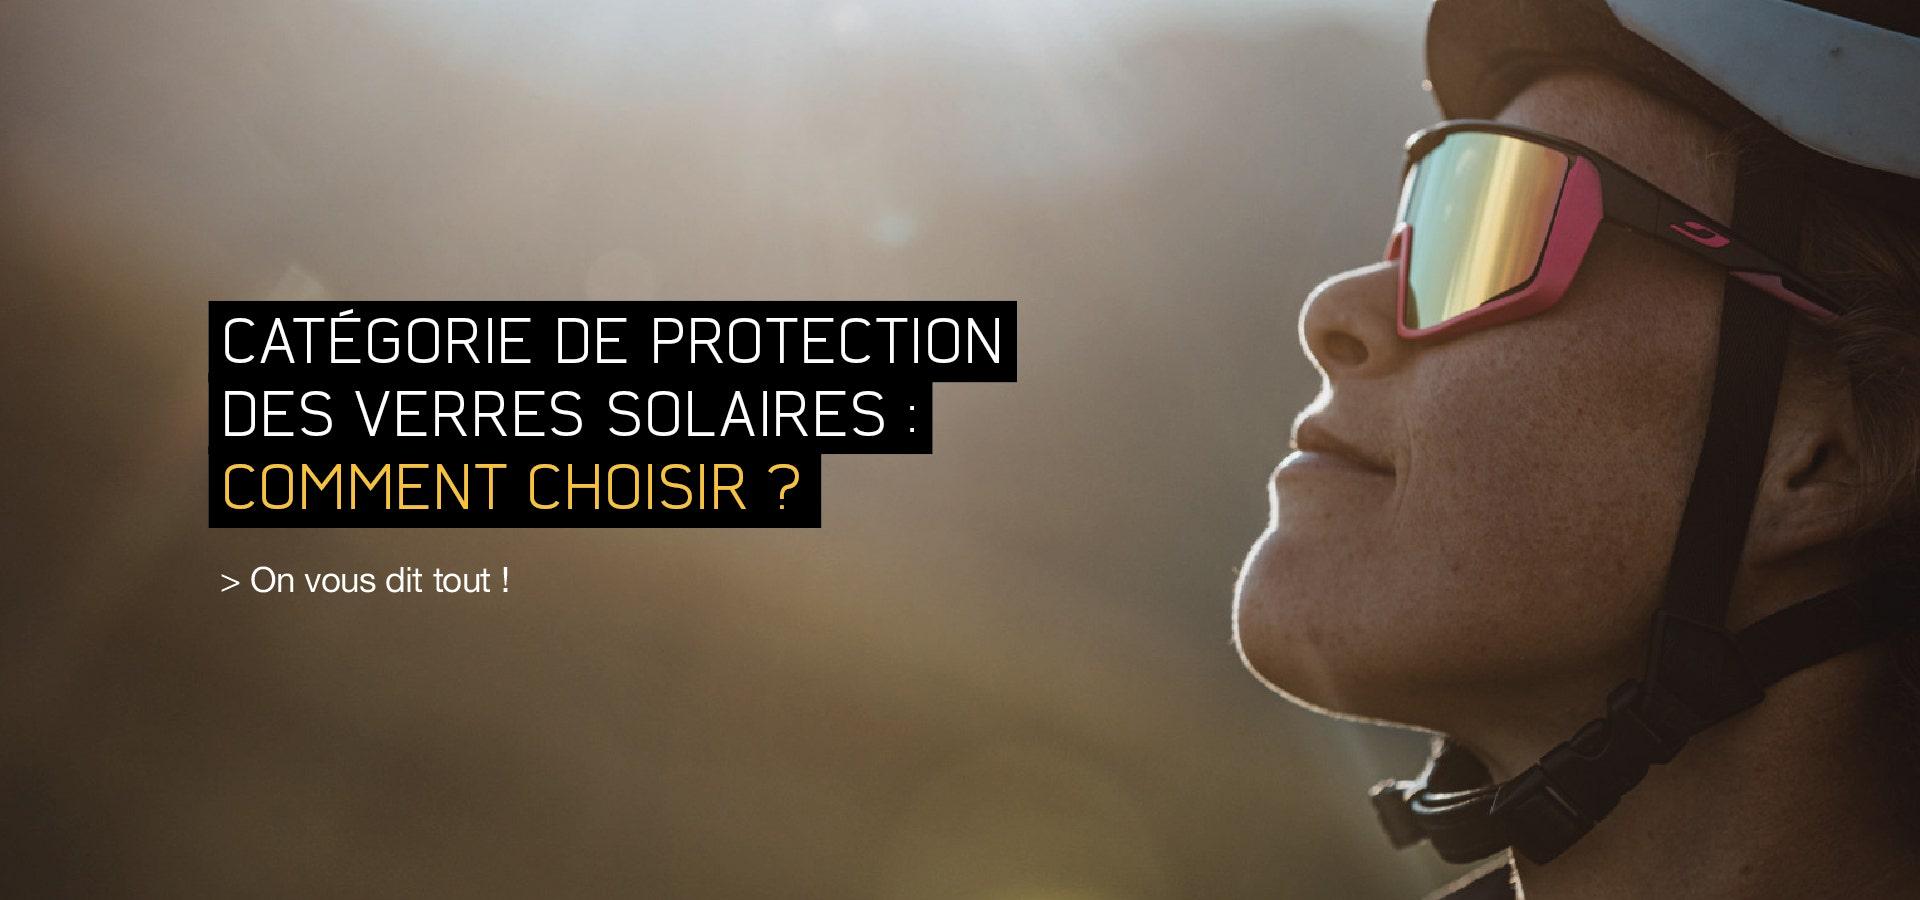 Catégorie de protection des verres solaires : comment choisir ?